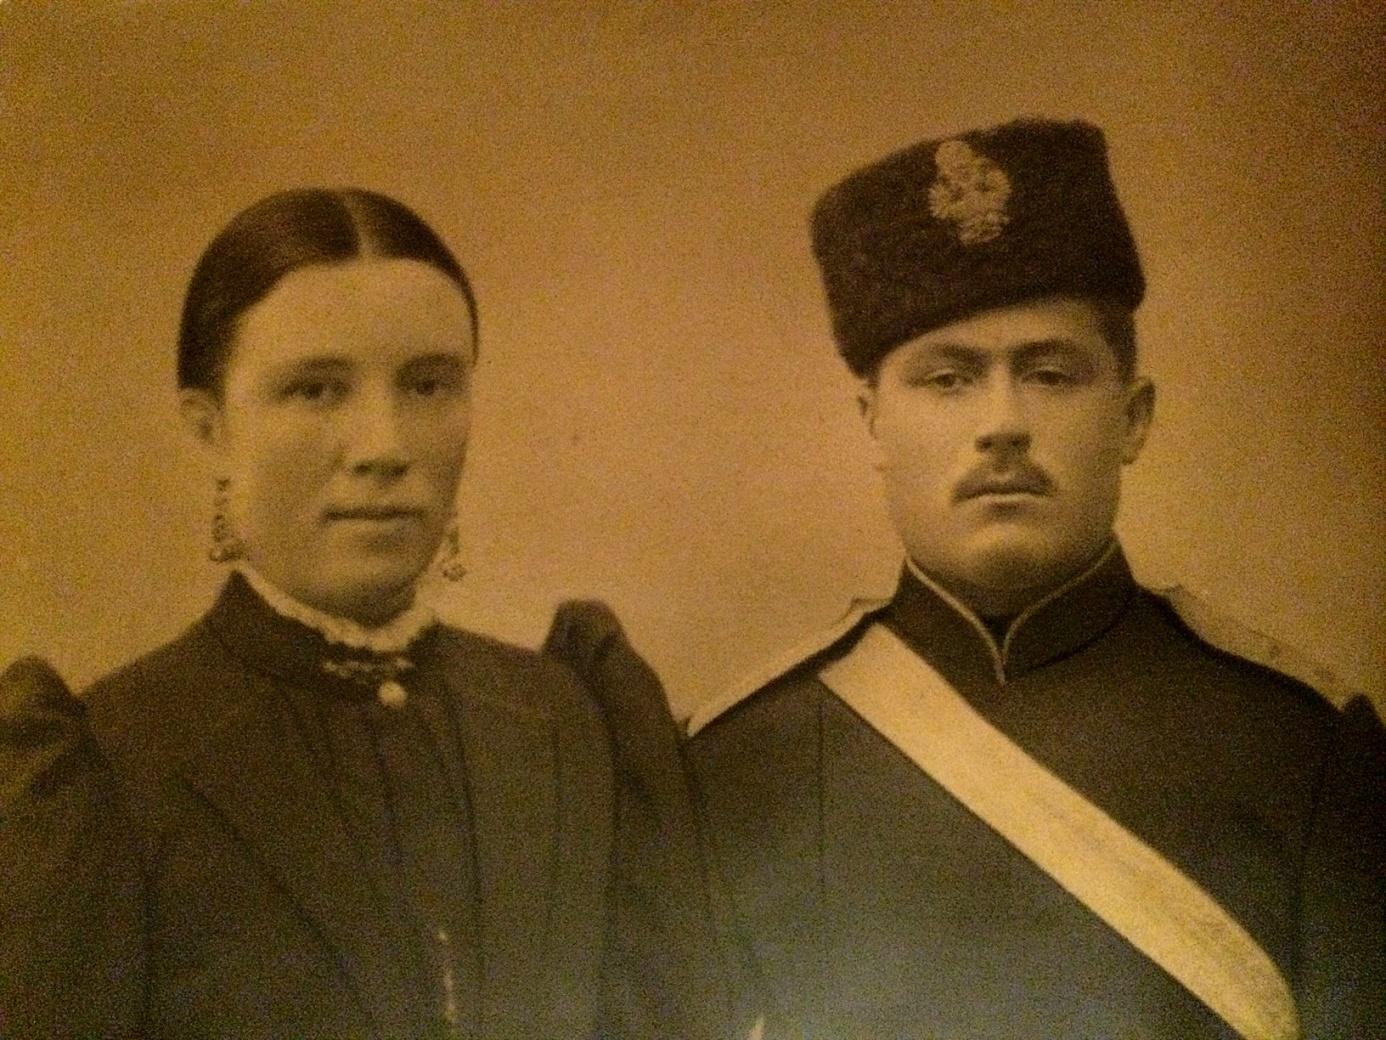 På fotot Ida Båsk och hennes man, mågen Erland som i slutet på 1800-talet tjänstgjorde i den finska militären, troligtvis i Vasa Bataljon.